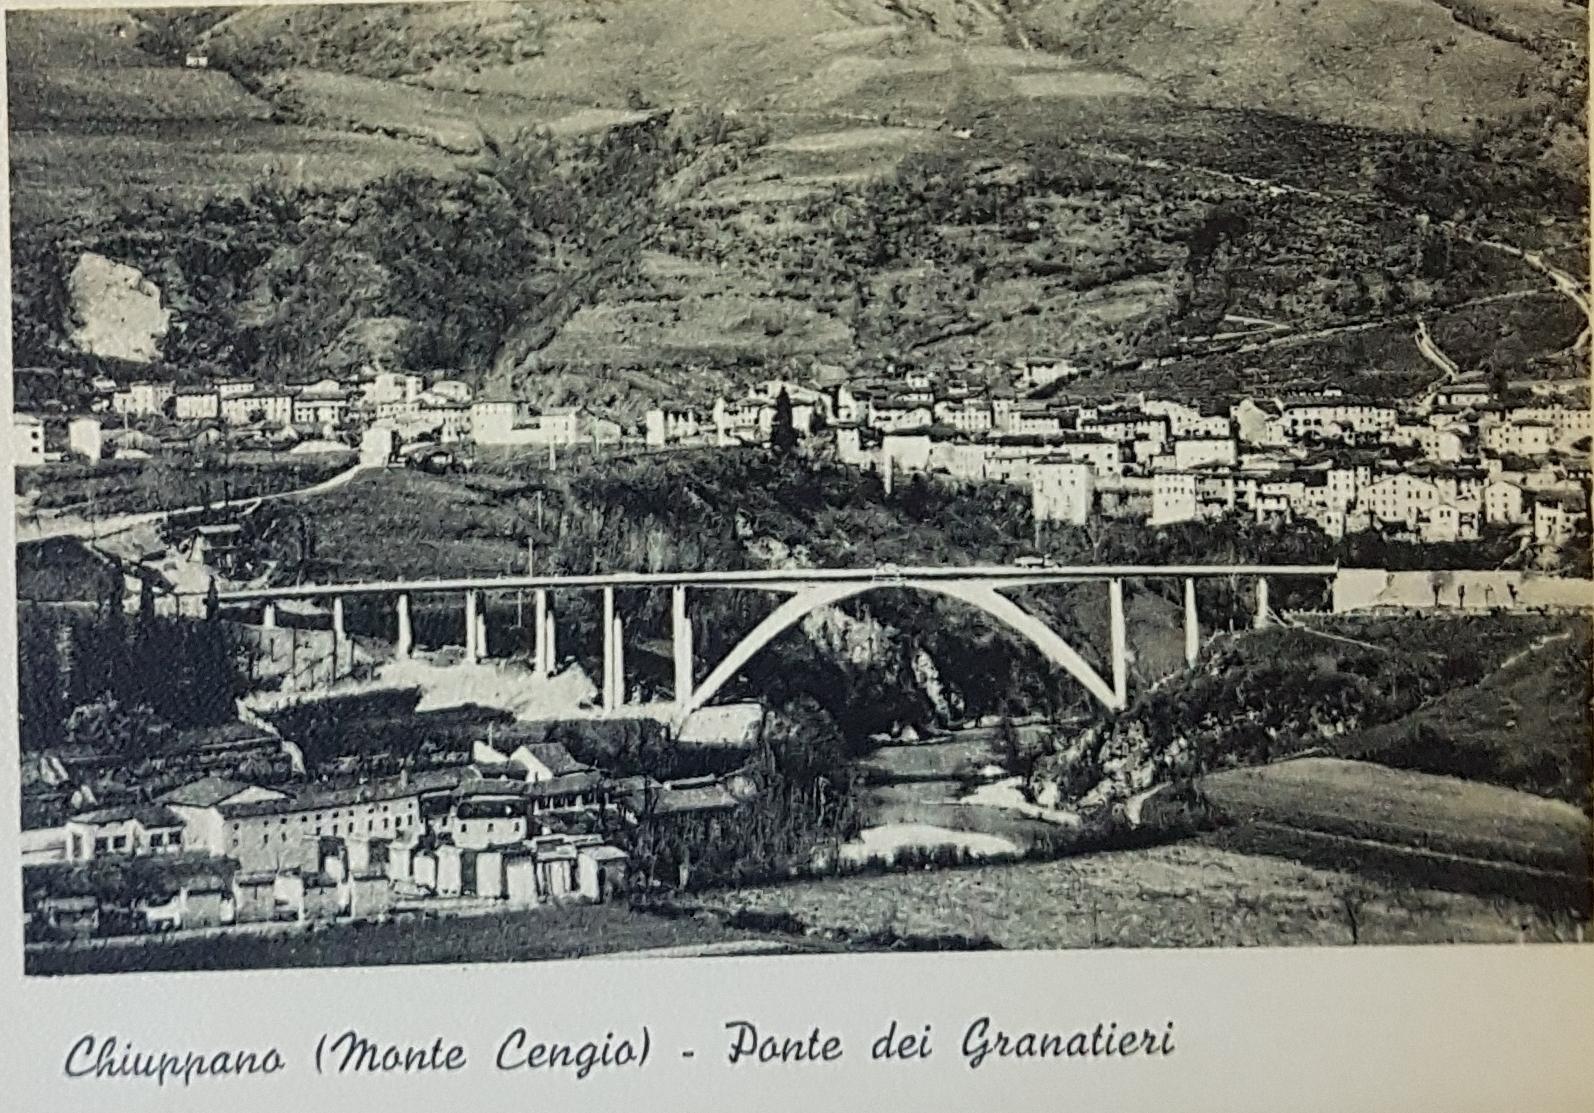 Chiuppano - Monte Cengio Ponte dei Granatieri